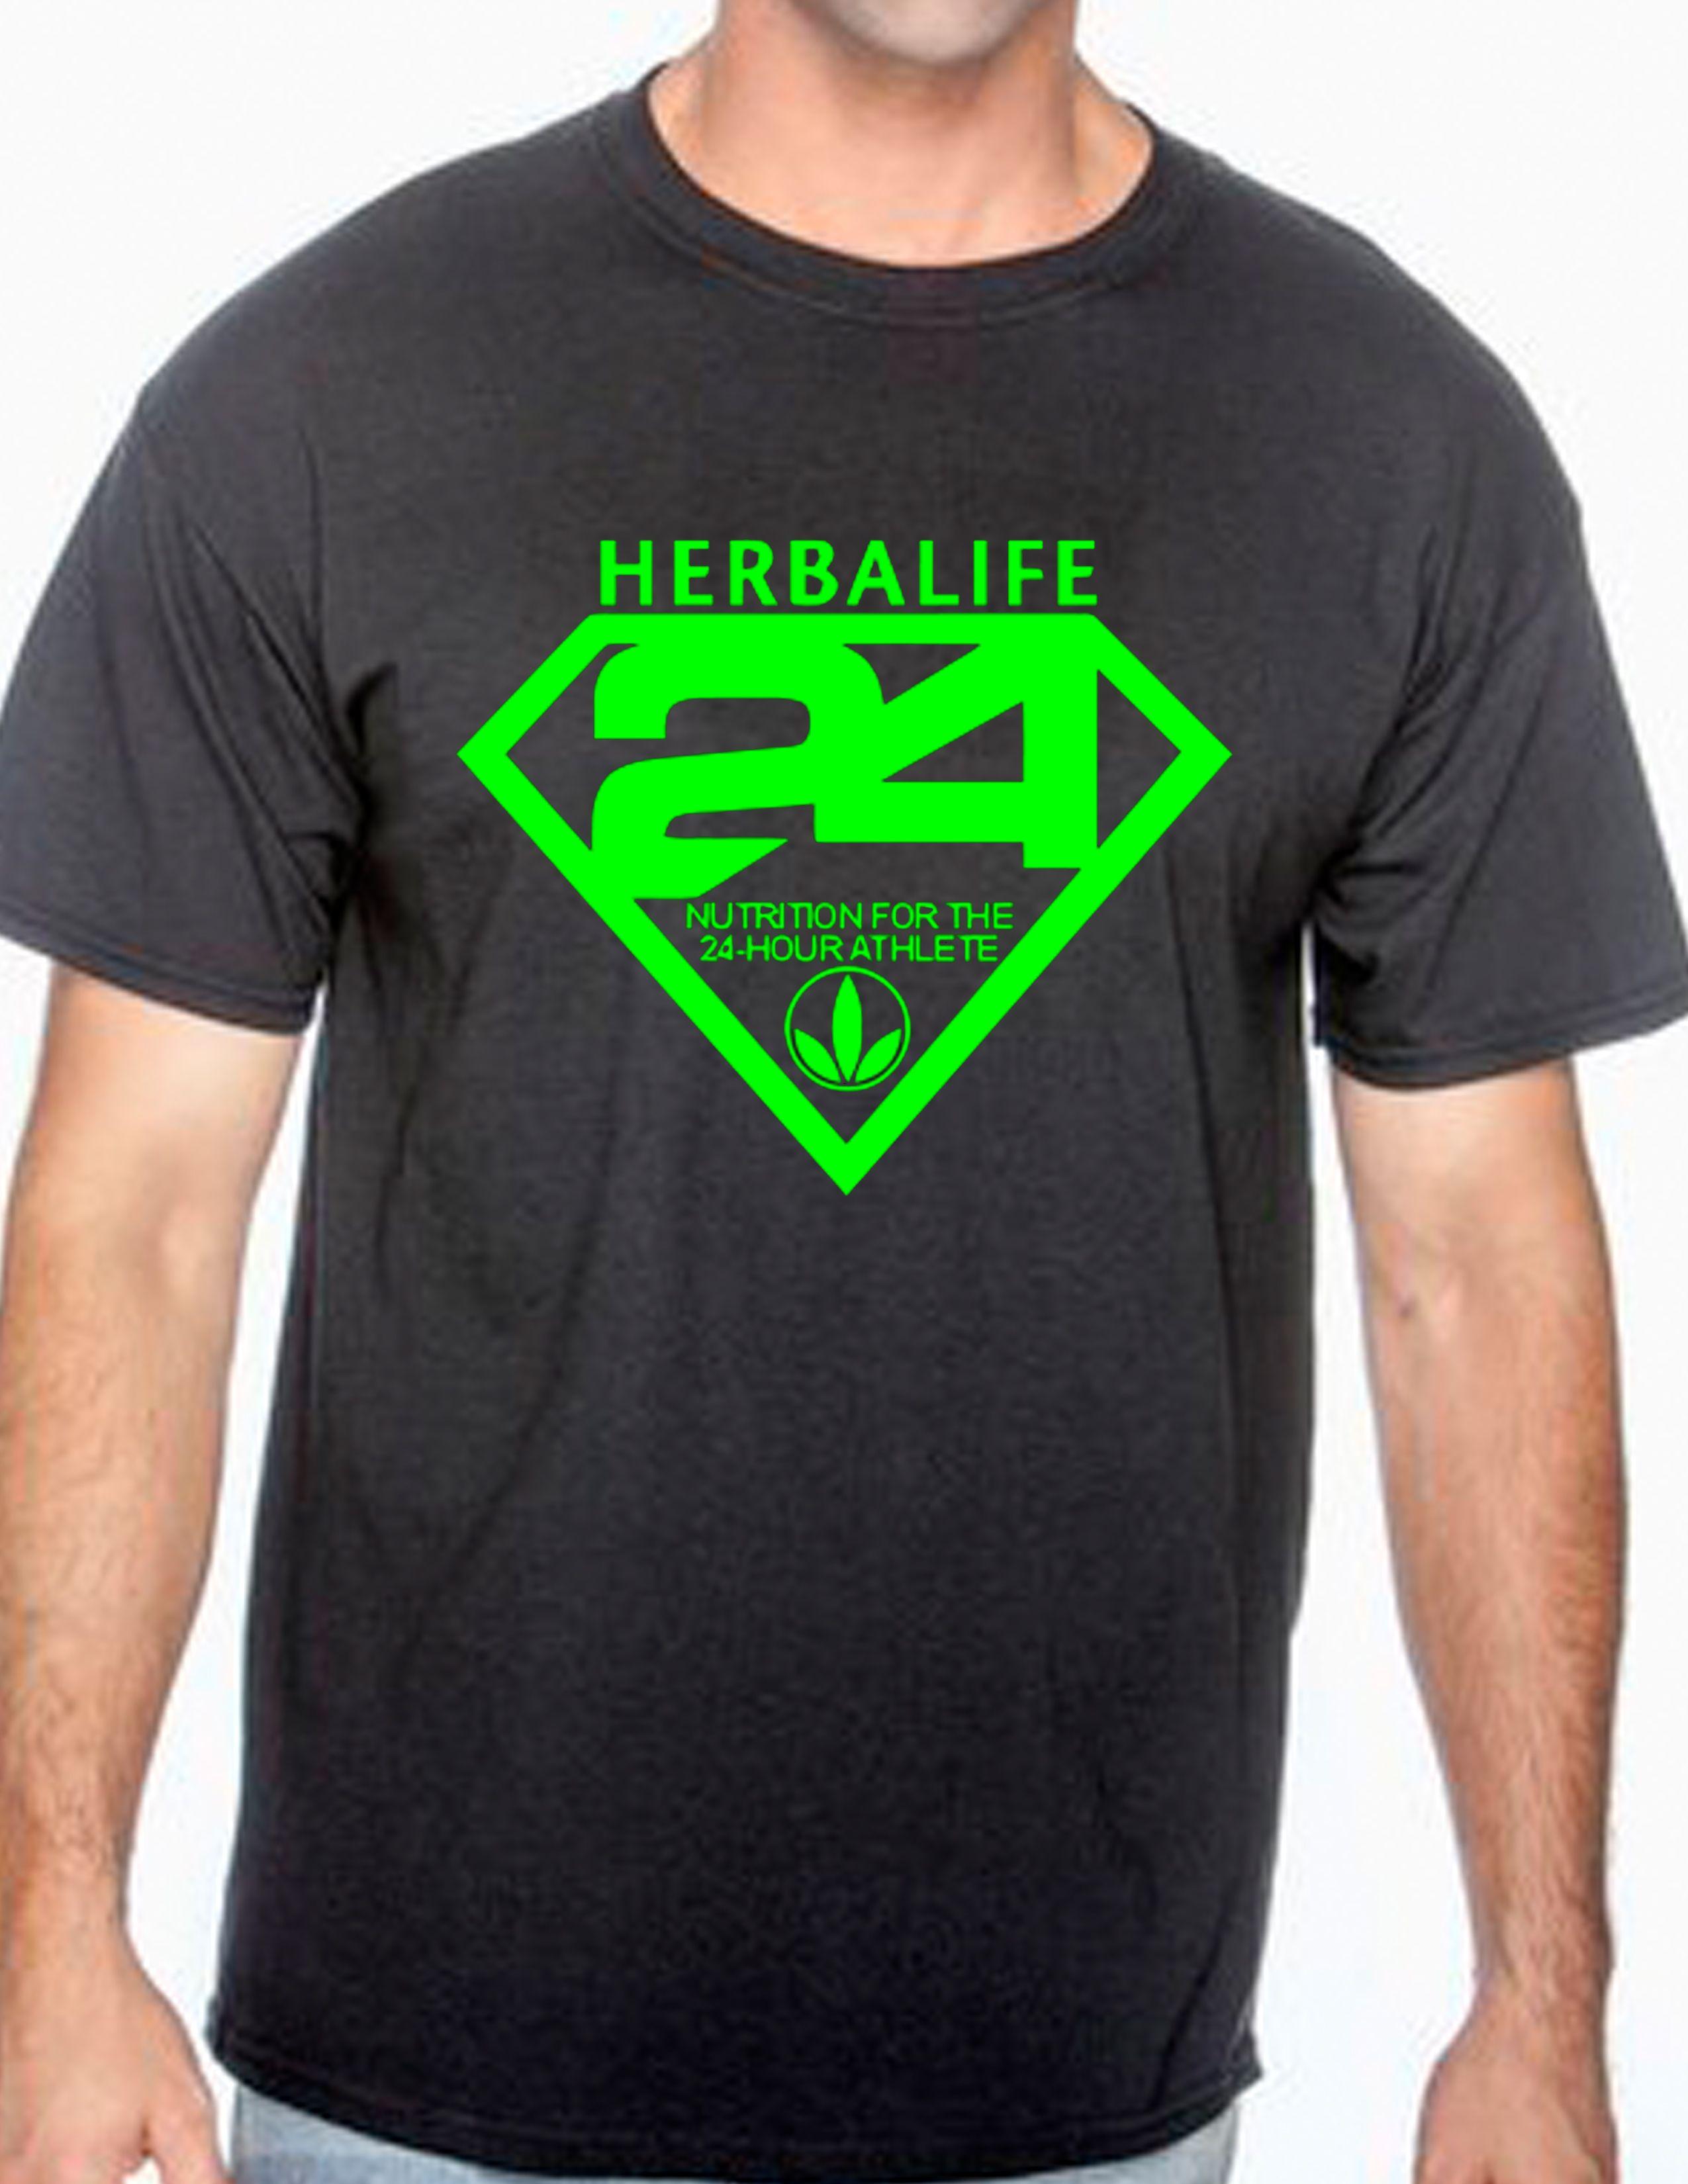 Herbalife Super 24 Men S T Shirt Mens Tshirts T Shirt Mens Tops